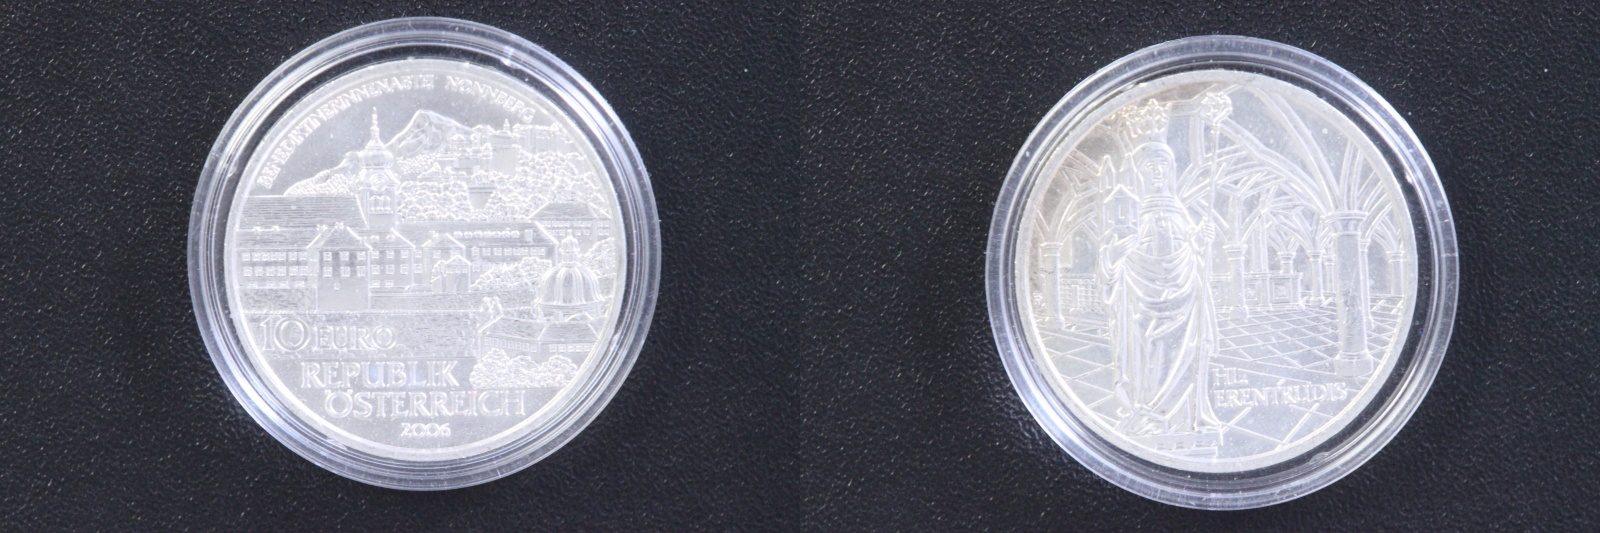 10 Euro 2006 Österreich 10 € Benediktinerinnenabtei Nonnberg st